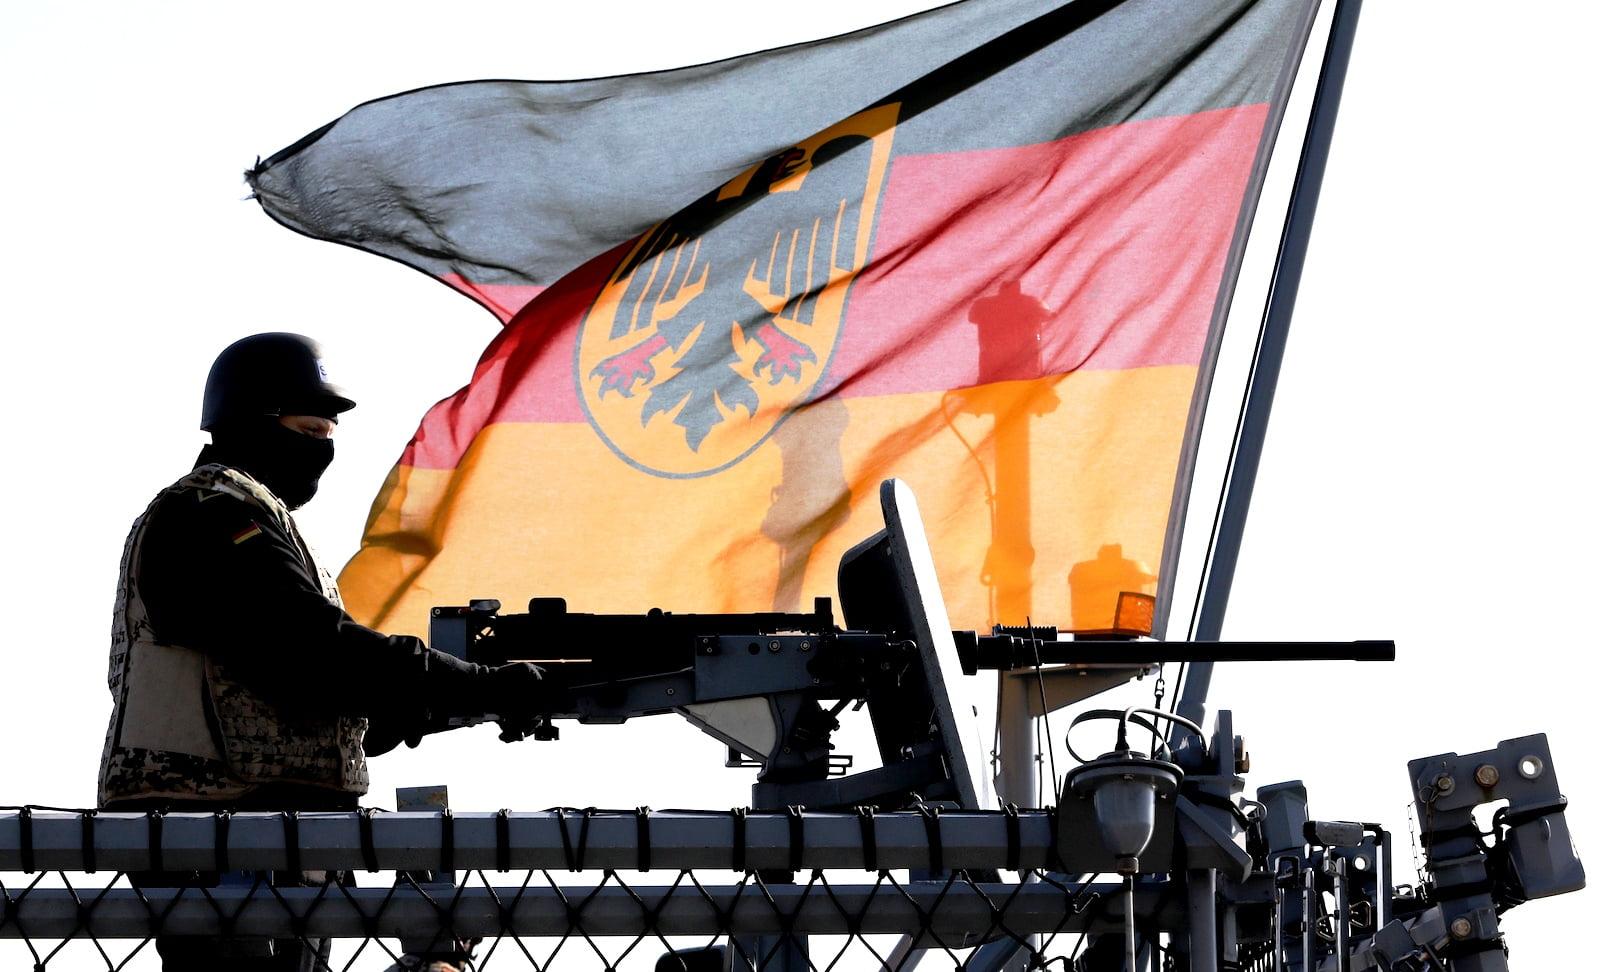 Επιστροφή της Γερμανίας στον Μιλιταρισμό Επισημαίνουν Ρωσία και Κίνα